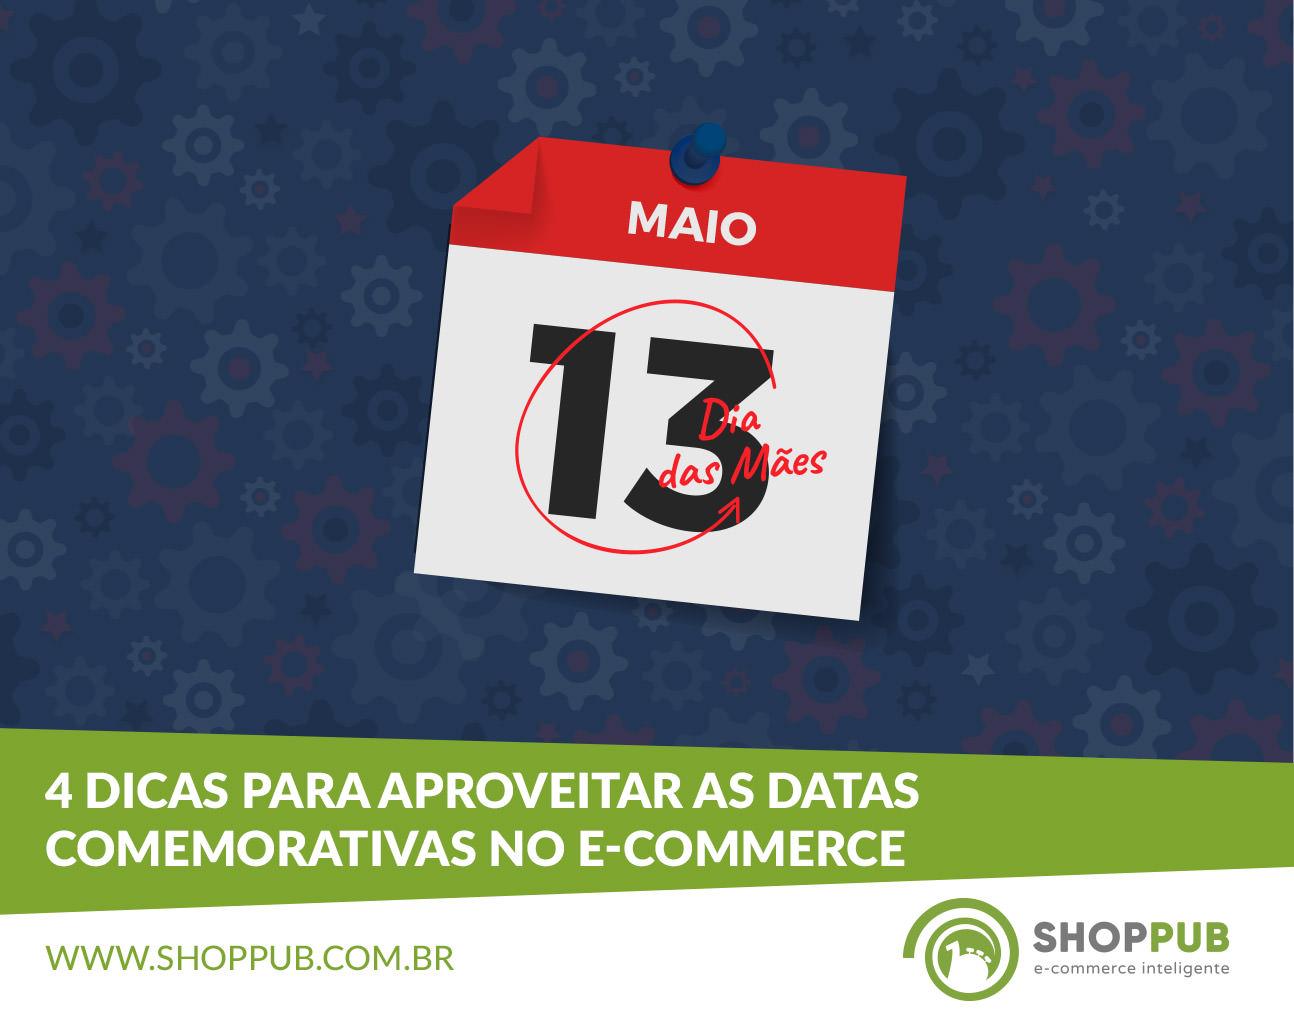 4 dicas para aproveitar as datas comemorativas no e-commerce